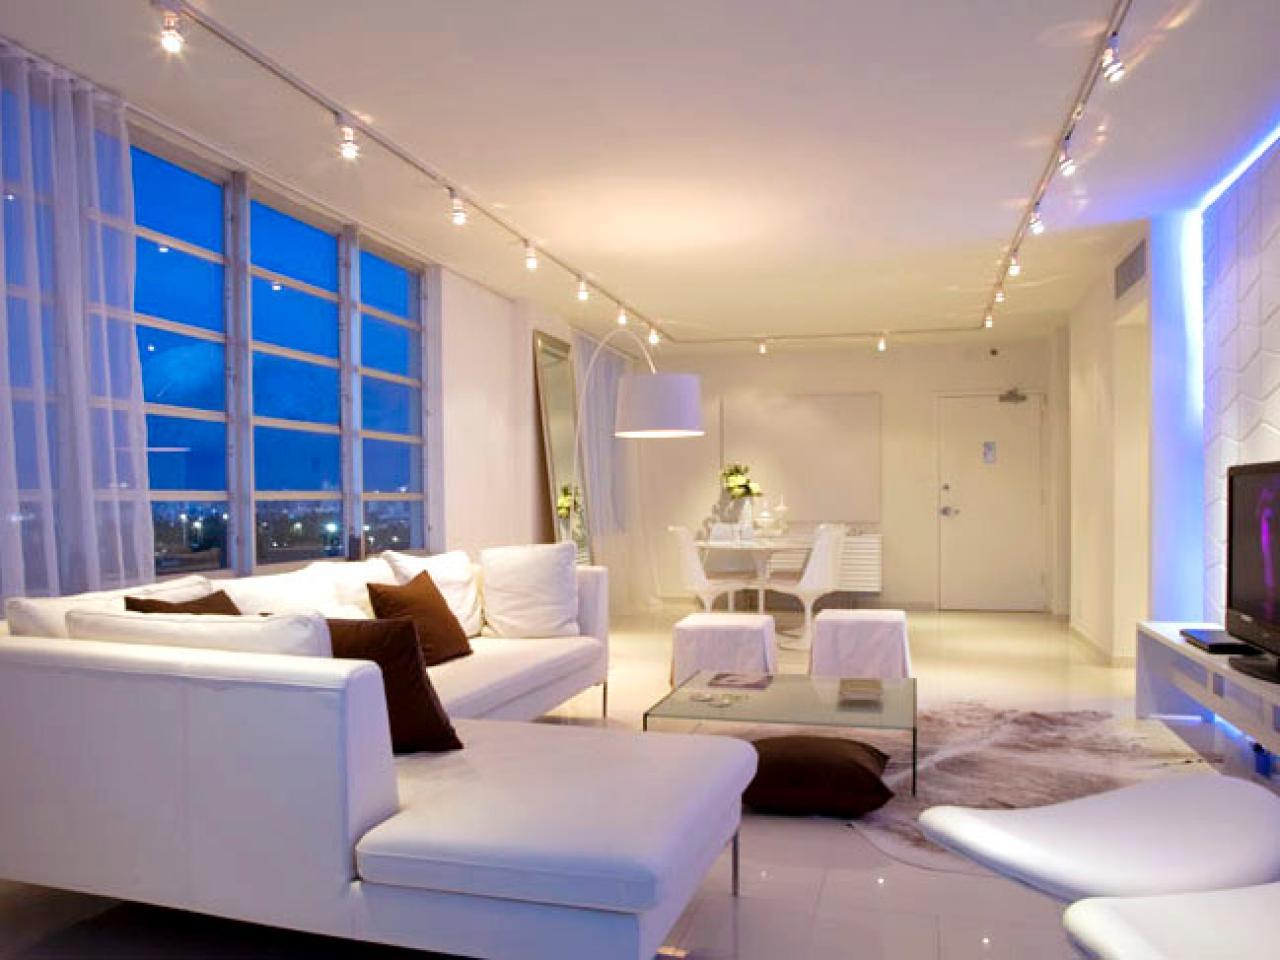 Трековые светильники рассеянного света общего освещения в гостиной